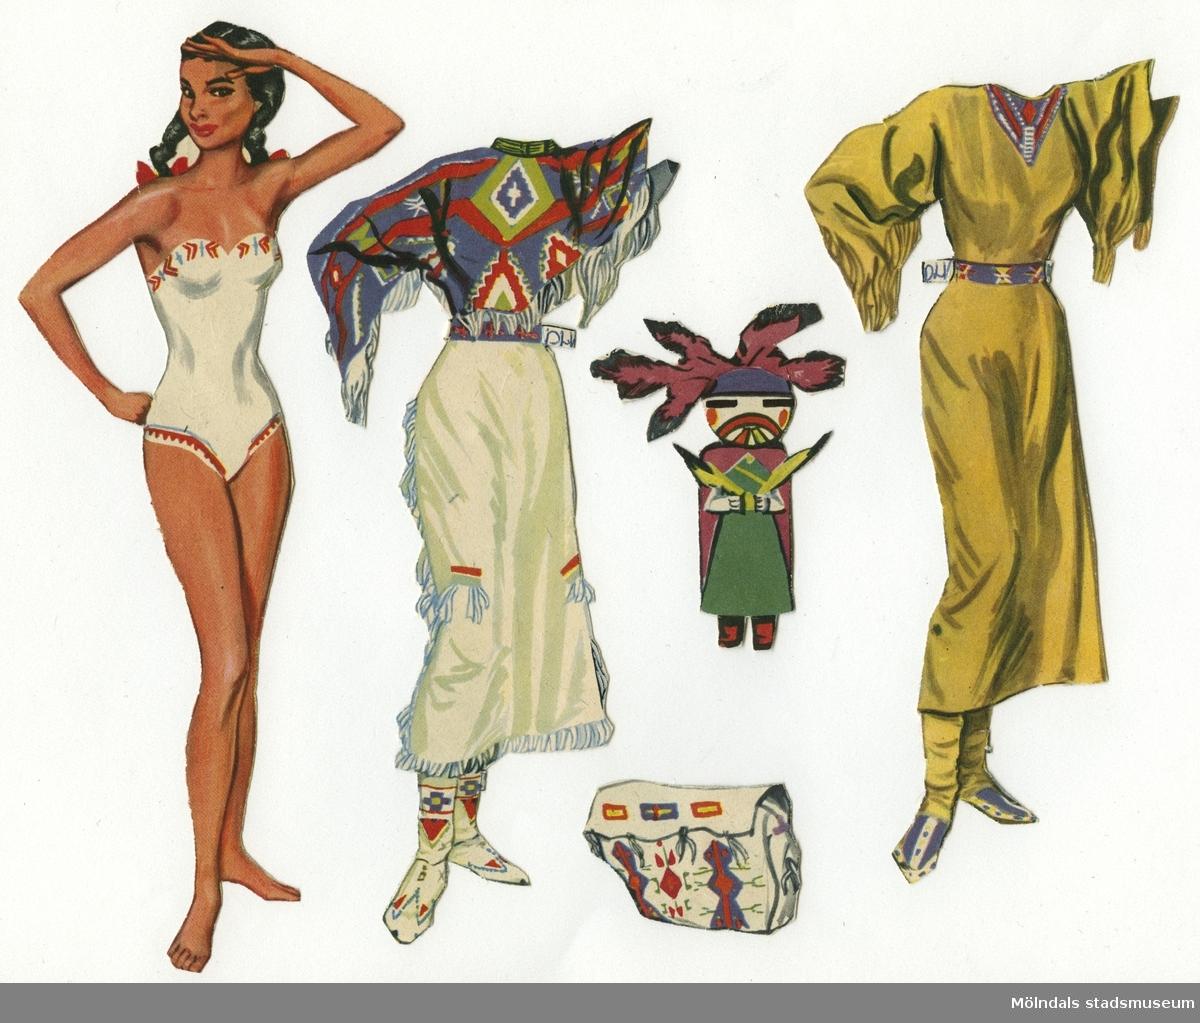 """Pappersdocka med kläder och tillbehör, urklippt ur tidning på 1950-talet. Docka och kläder är märkta """"Det Lilla Vita Molnet"""" på baksidan - dockans namn. Dockan föreställer en ung indiankvinna med flätor, iklädd vita underkläder av baddräktsmodell med indianmönster. Garderoben består av två indiandräkter i olika färger och mönster, med fransar. Hon har också tillbehör, såsom en väska, och en egen docka. Docka och kläder förvaras i en pappmap, med texten """"Senorita"""" och en flamencodanserska på, tillsammans med andra pappersdockor (MM 04676-04680). Eventuellt har mappen ursprungligen innehållit brevpapper."""